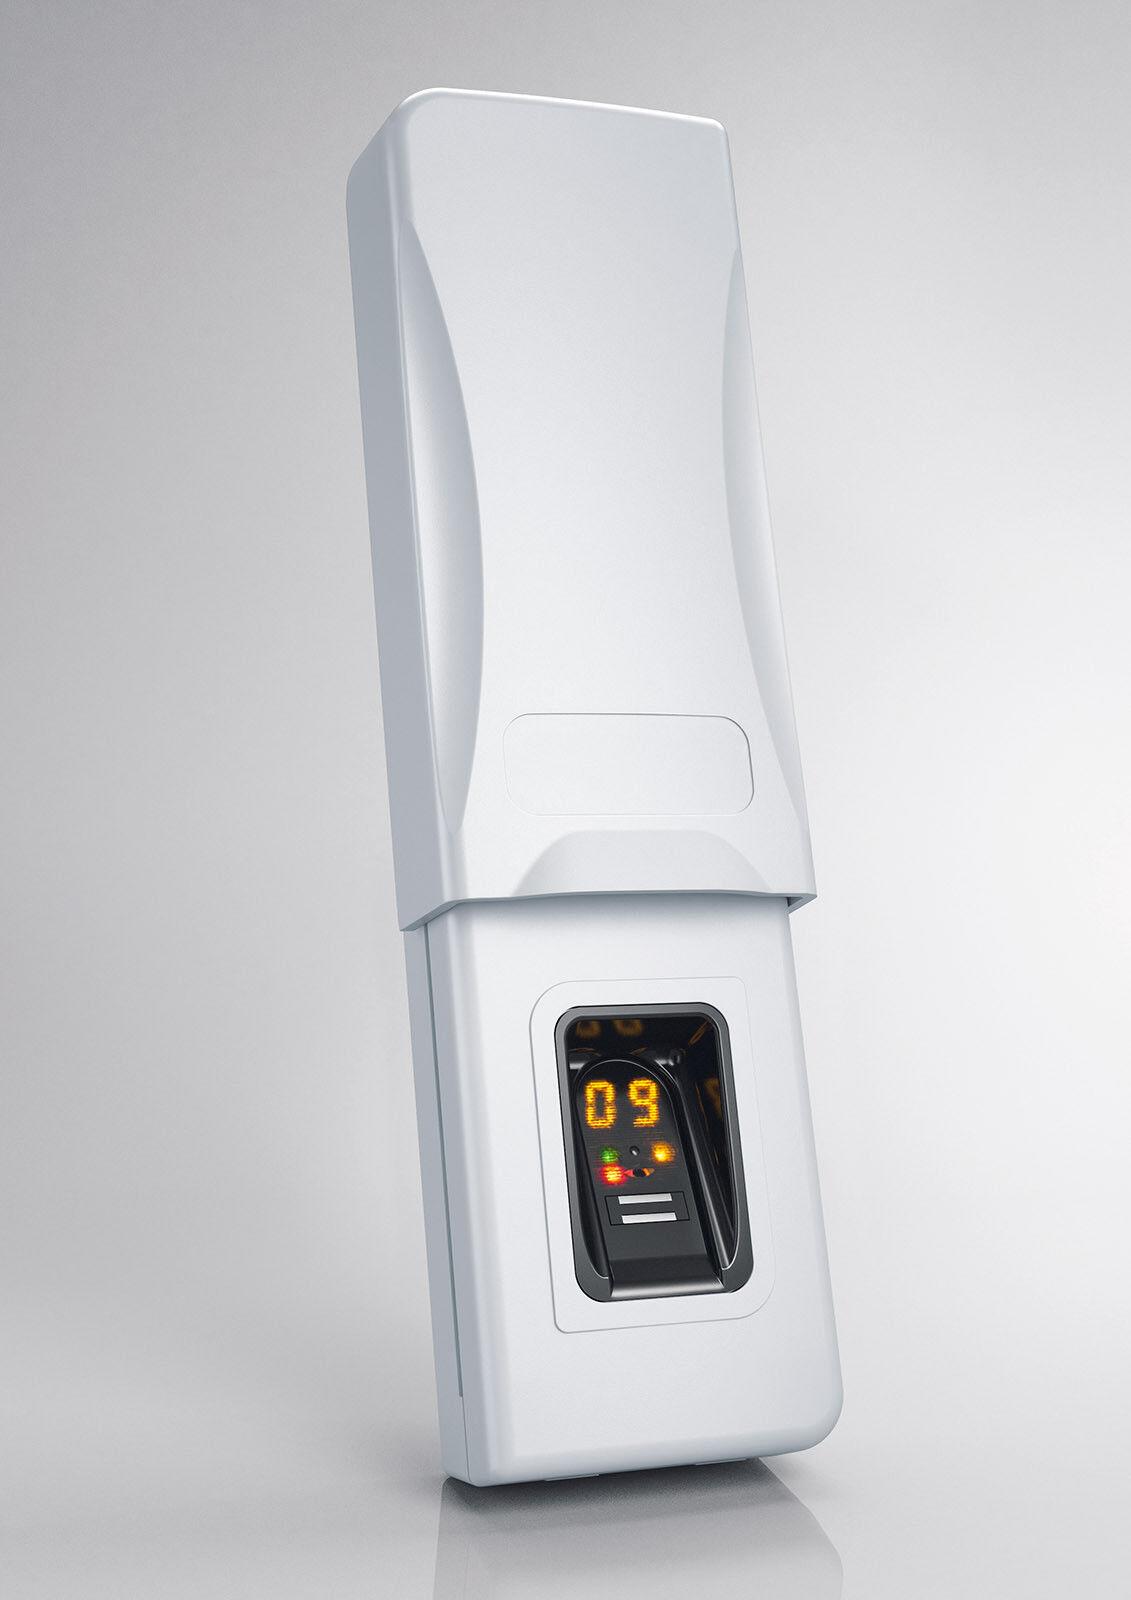 Sommer ENTRAsys GD Fingerscanner, ASB6010, ASB6010, ASB6010, Fingerprintleser, Zugangskontrolle e8d868